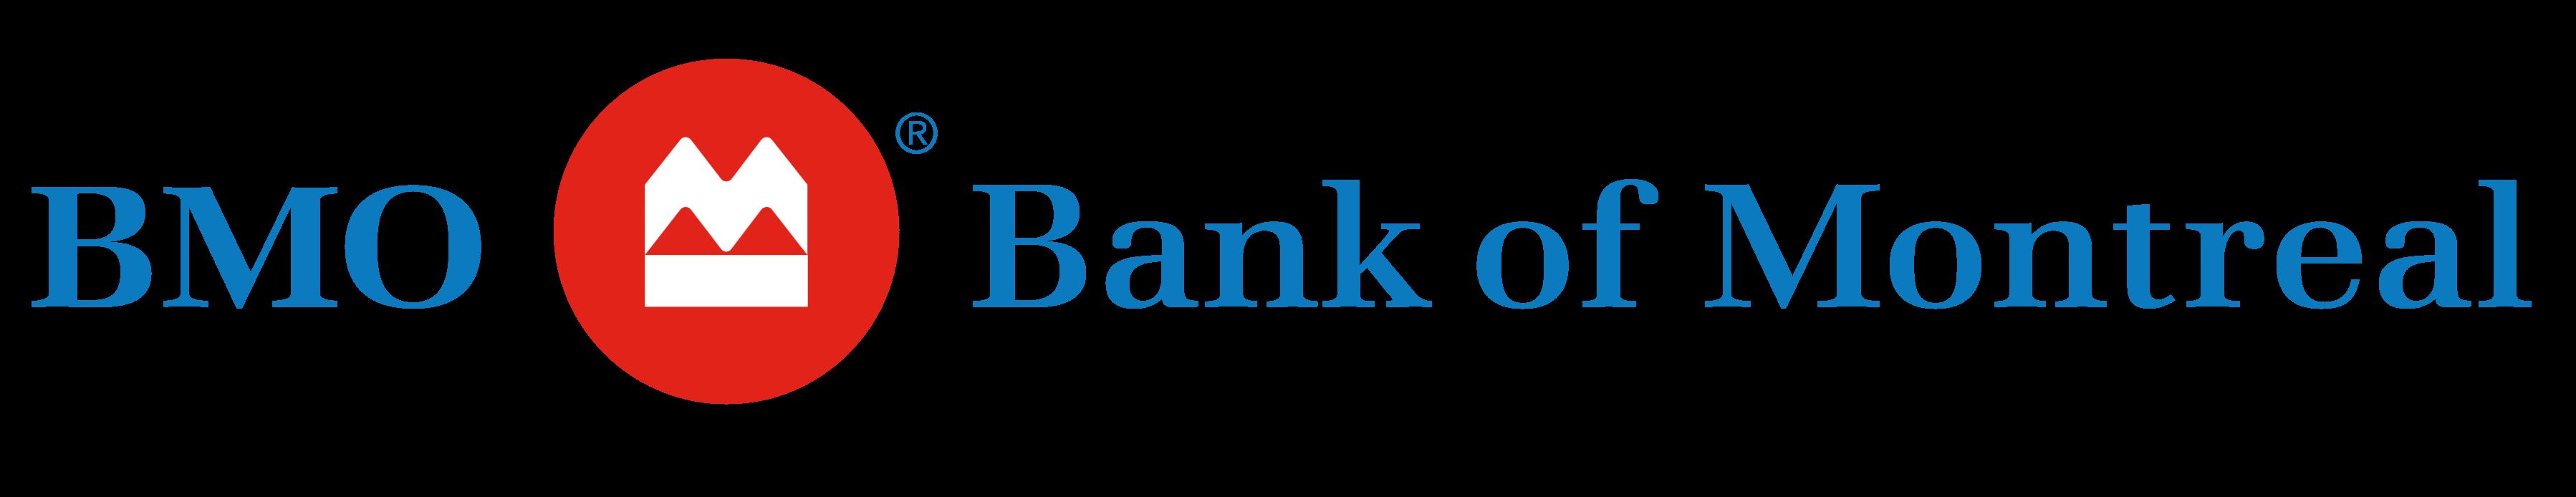 BMO Bank of Montreal.